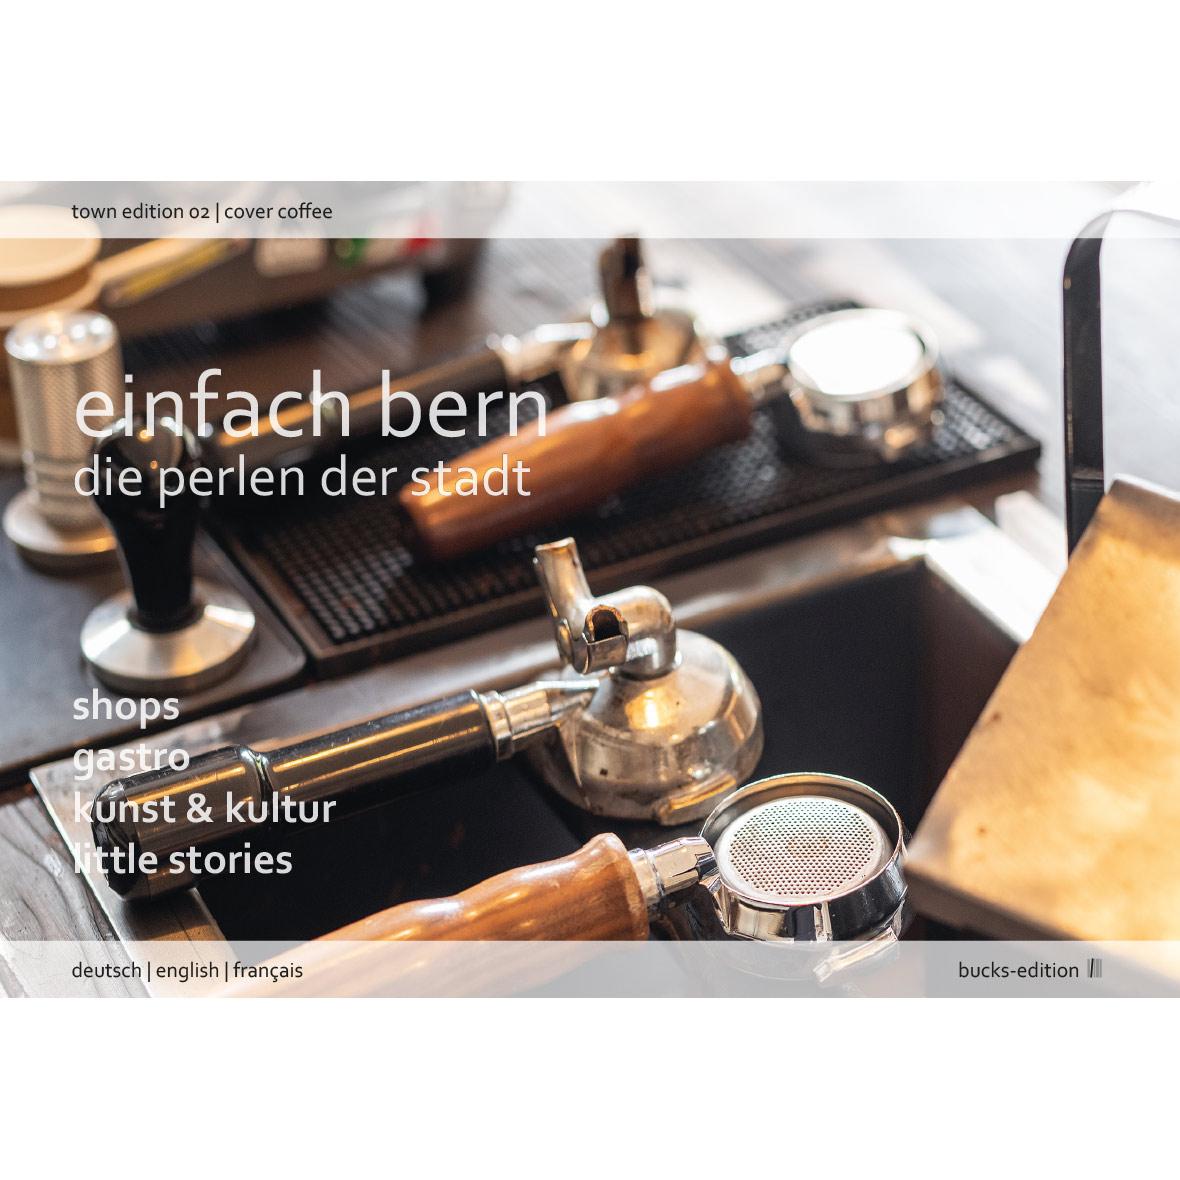 Stadtbuch - Einfach Bern Edition 2 – Die Perlen der Stadt - Cover Café